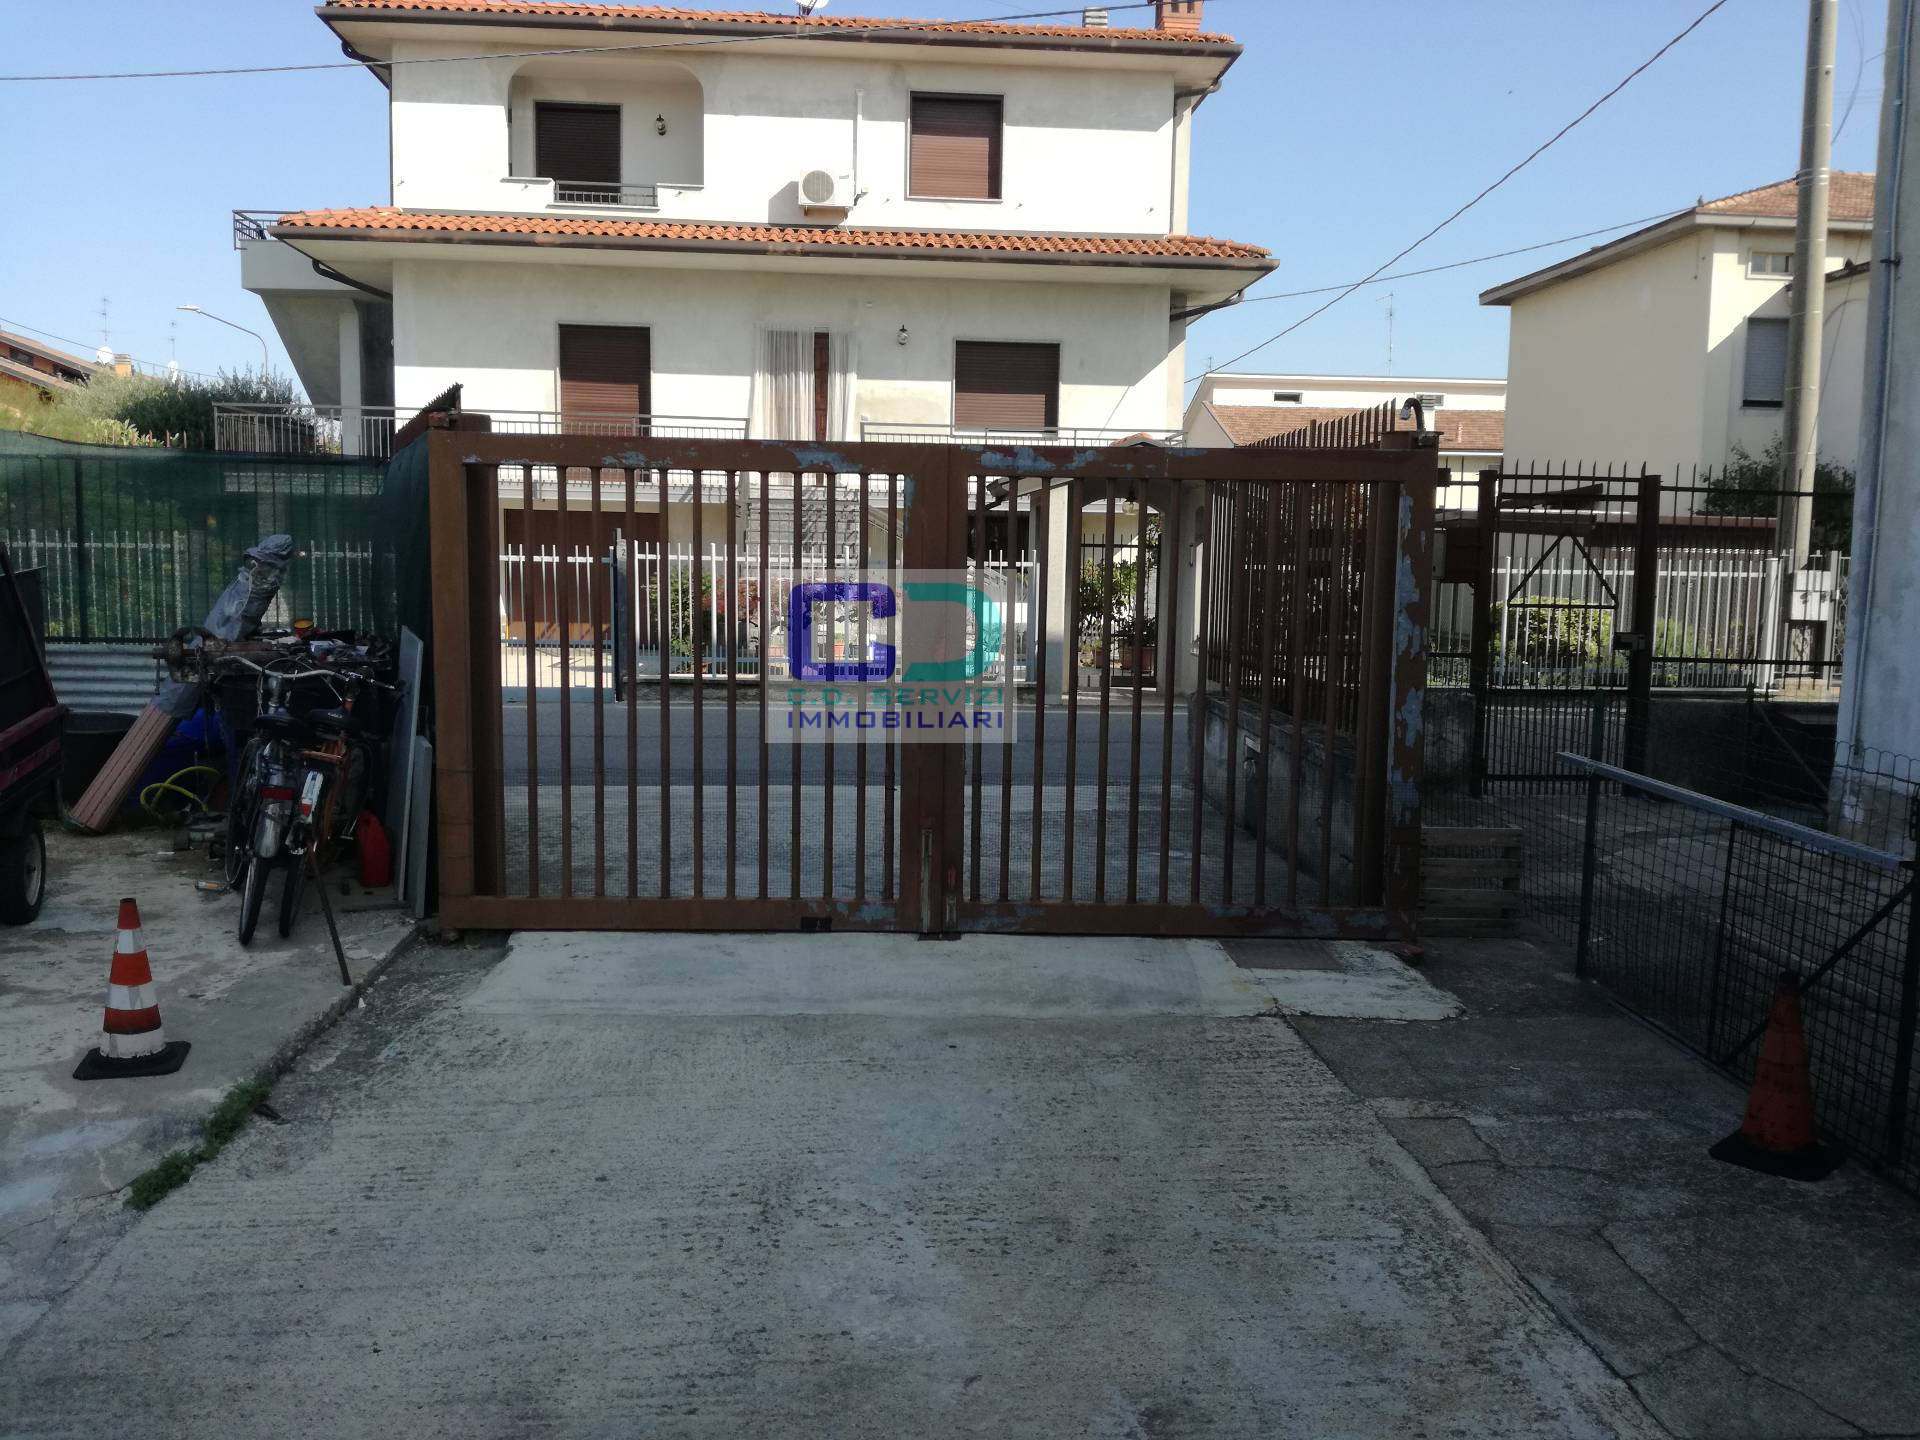 Appartamento in vendita a Ciserano, 3 locali, prezzo € 163.000 | PortaleAgenzieImmobiliari.it